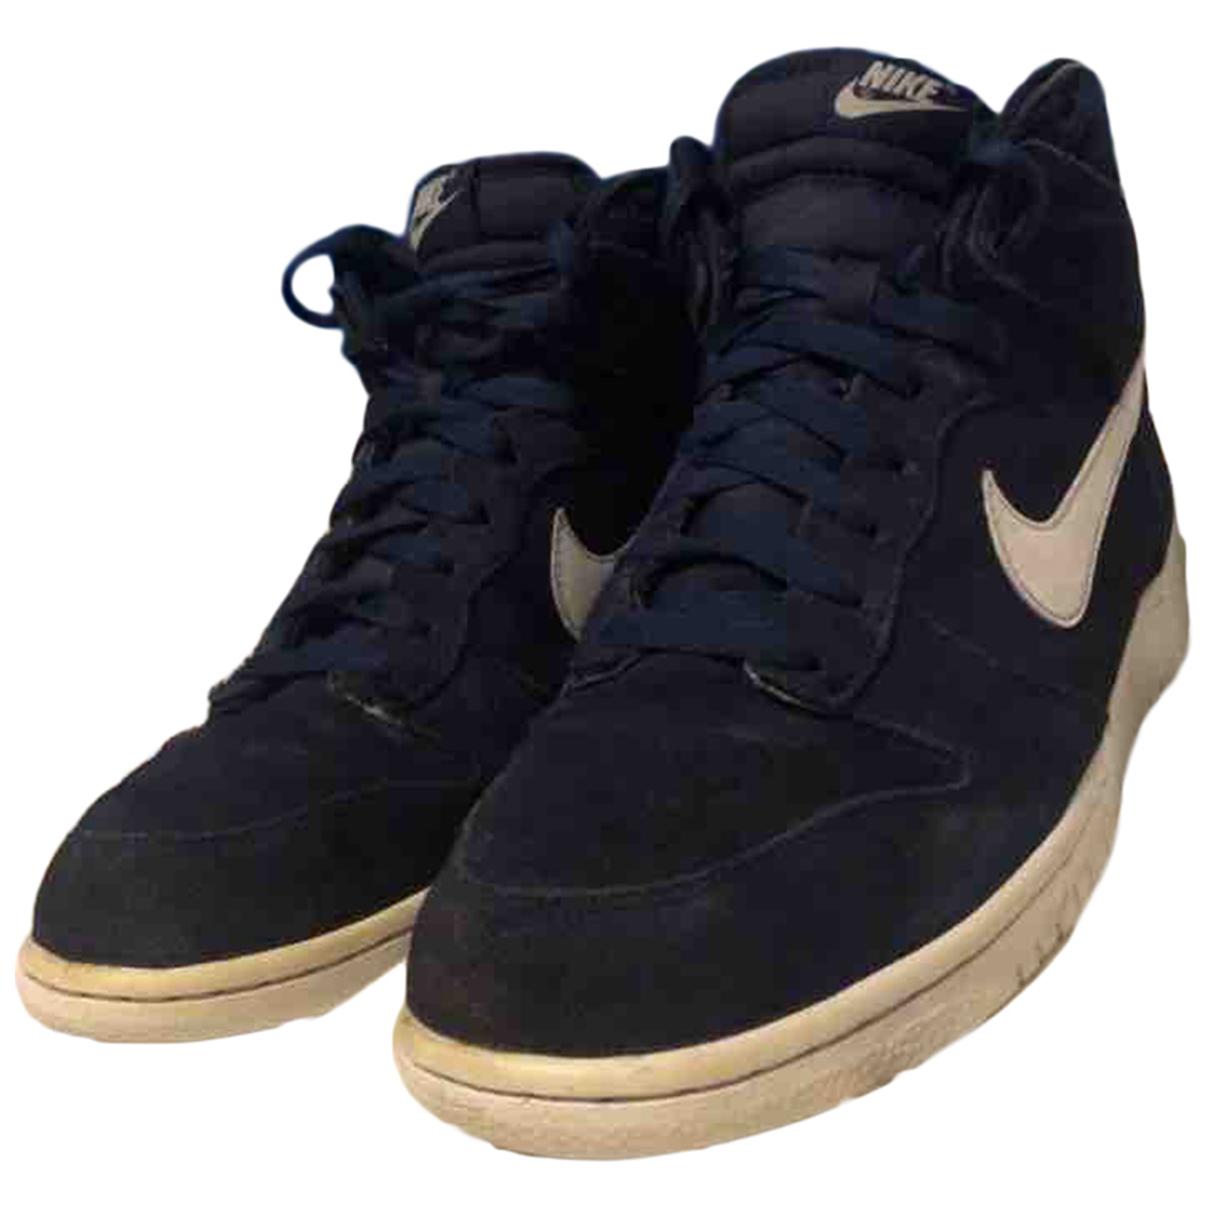 Nike - Baskets SB Dunk  pour homme en suede - bleu